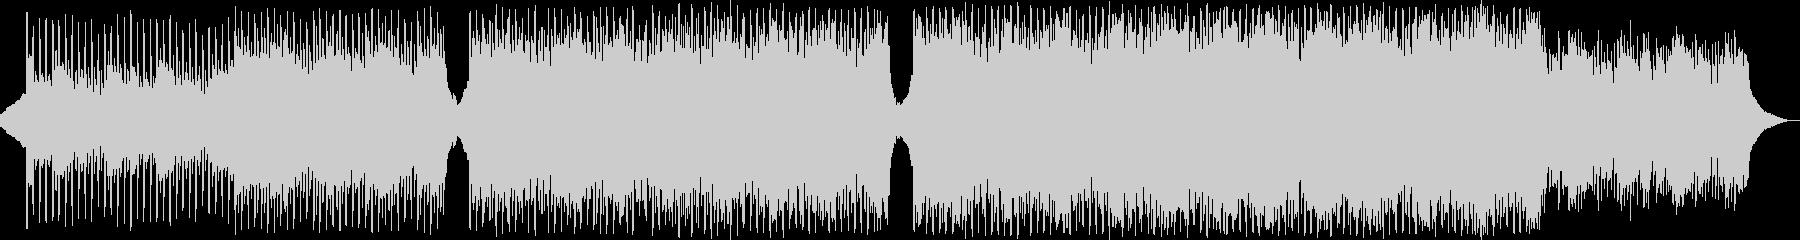 アンビエント 実験的な アクティブ...の未再生の波形